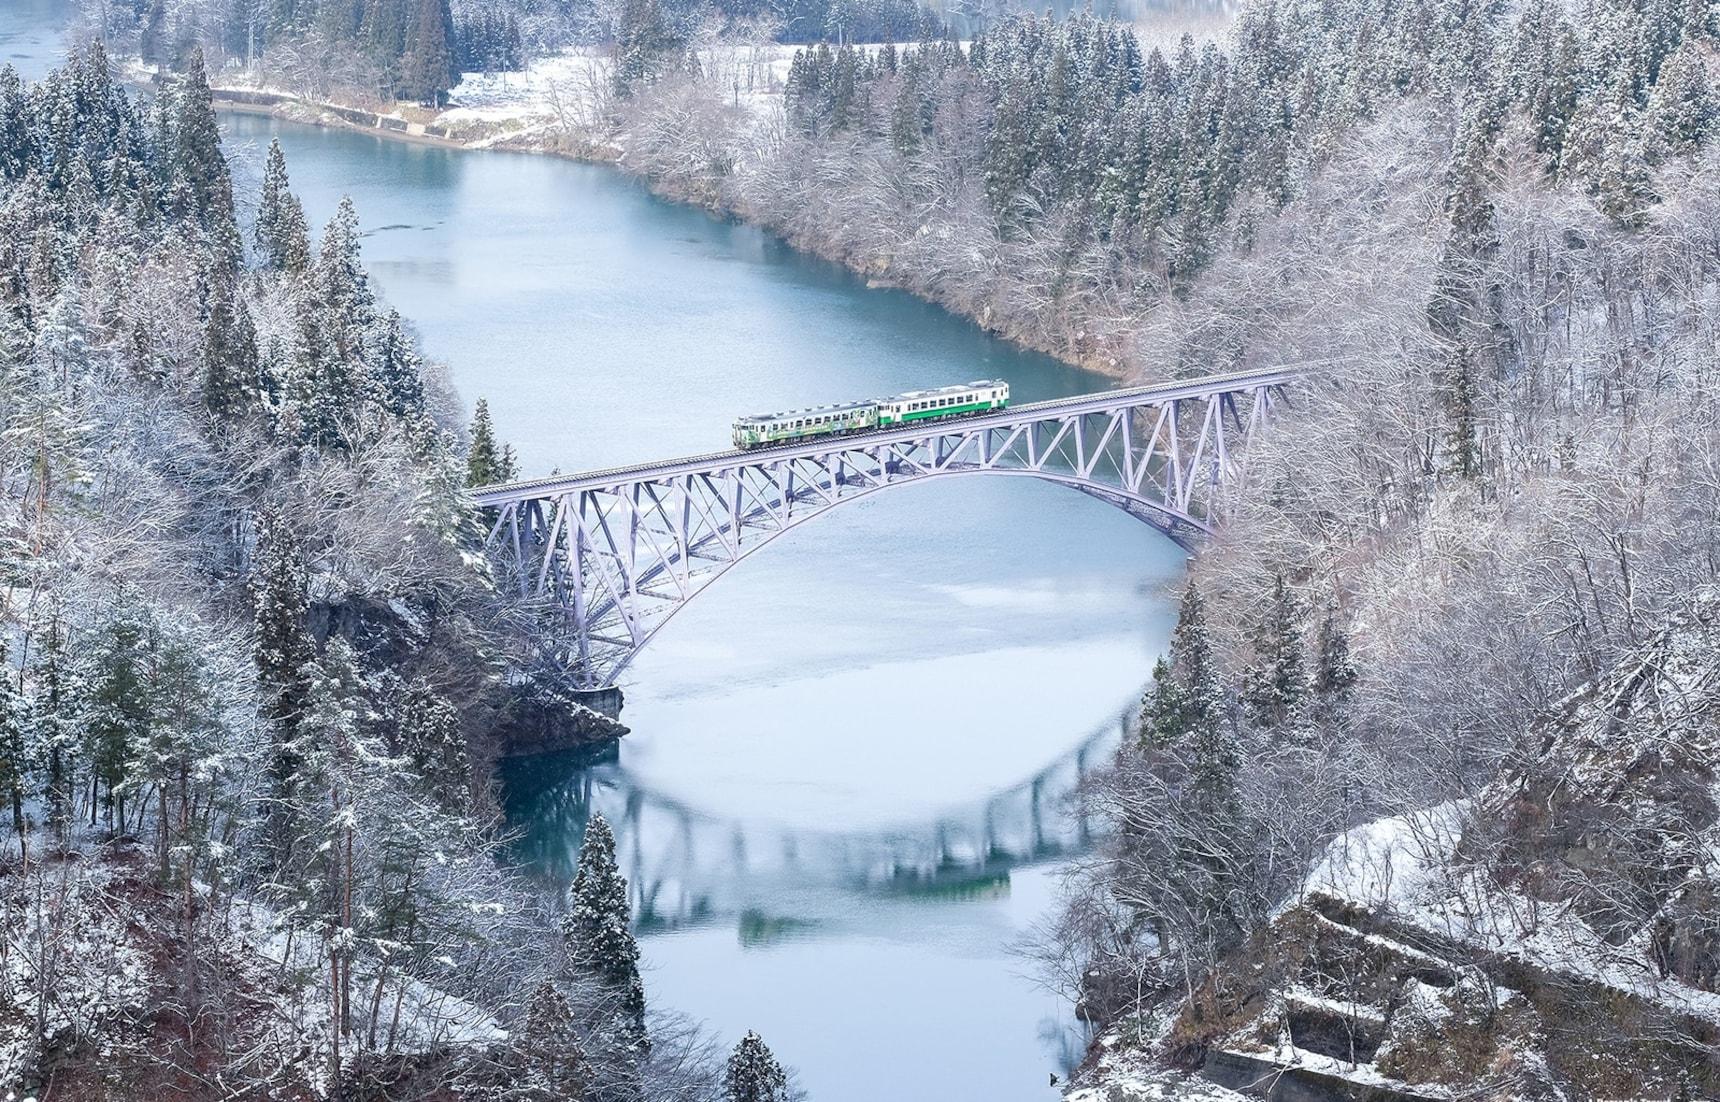 5 วิวหิมะของภูมิภาคโทโฮคุที่ไม่ควรพลาด